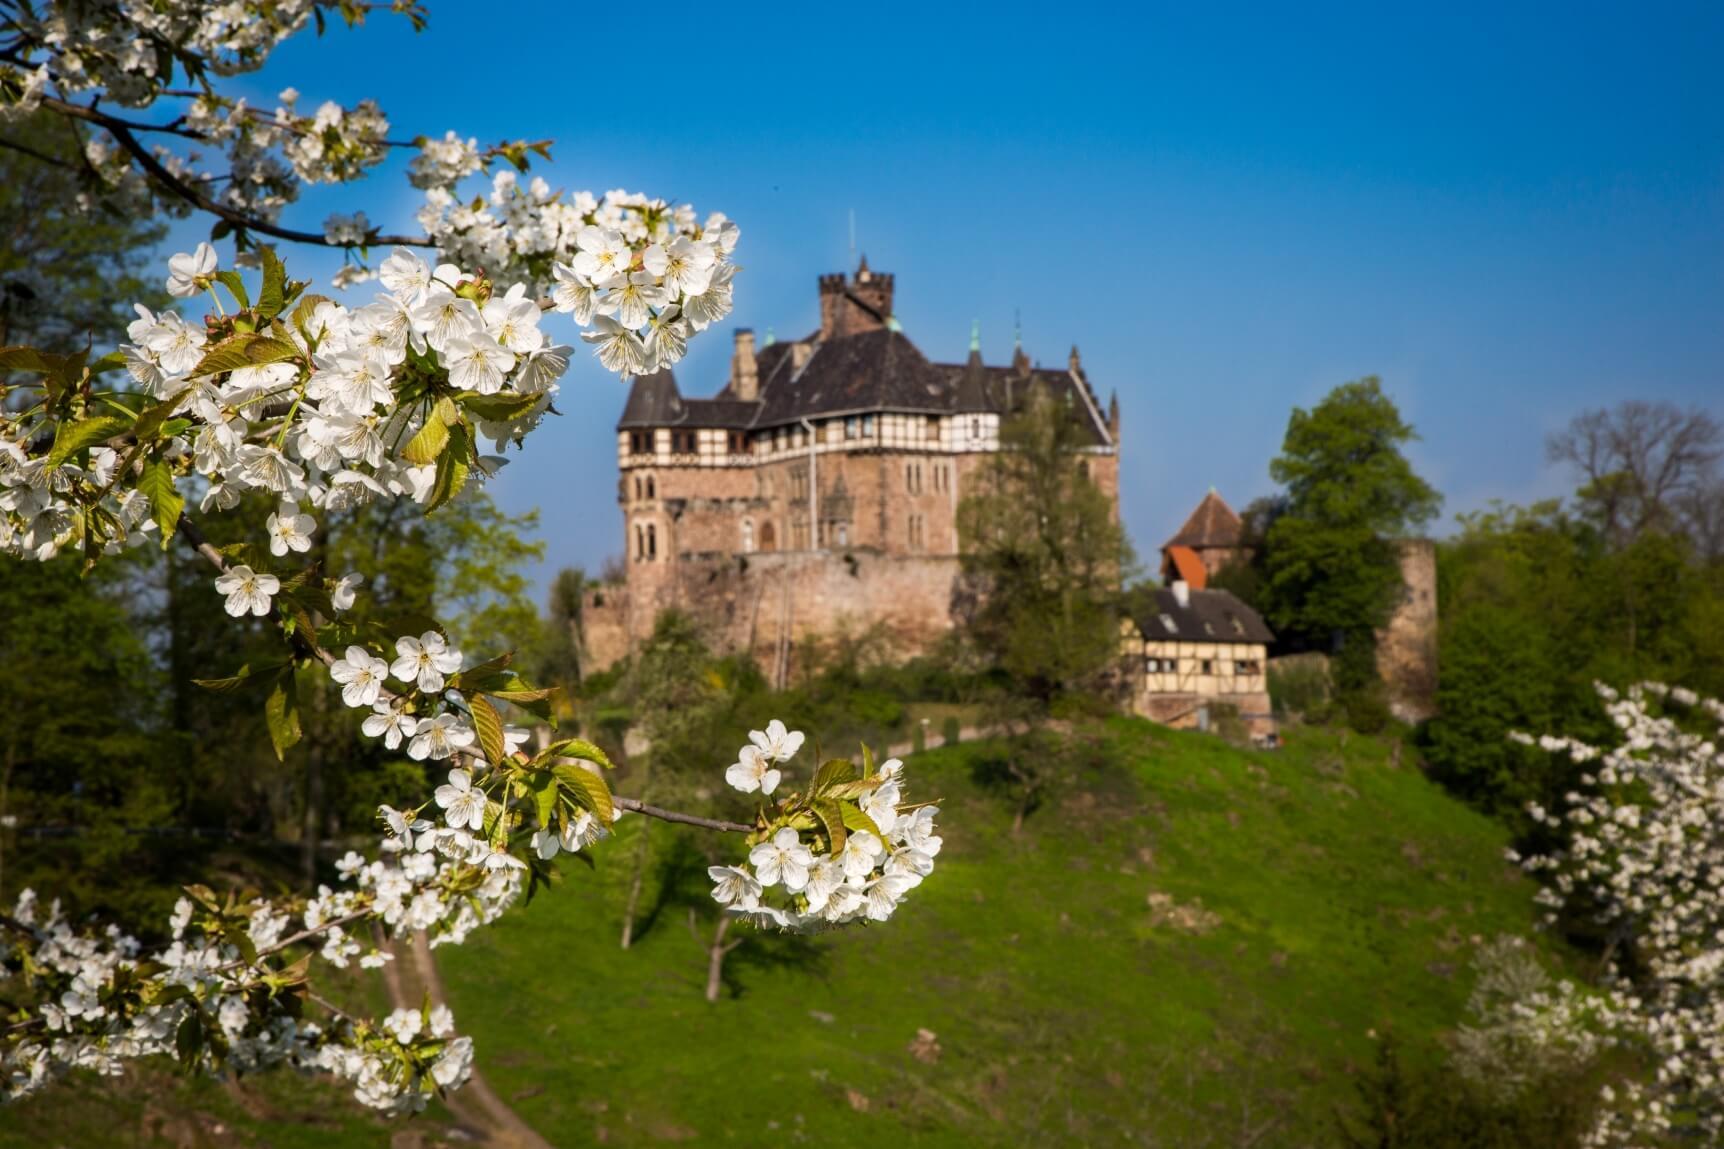 Kirschblüte am Schloss Berlepsch